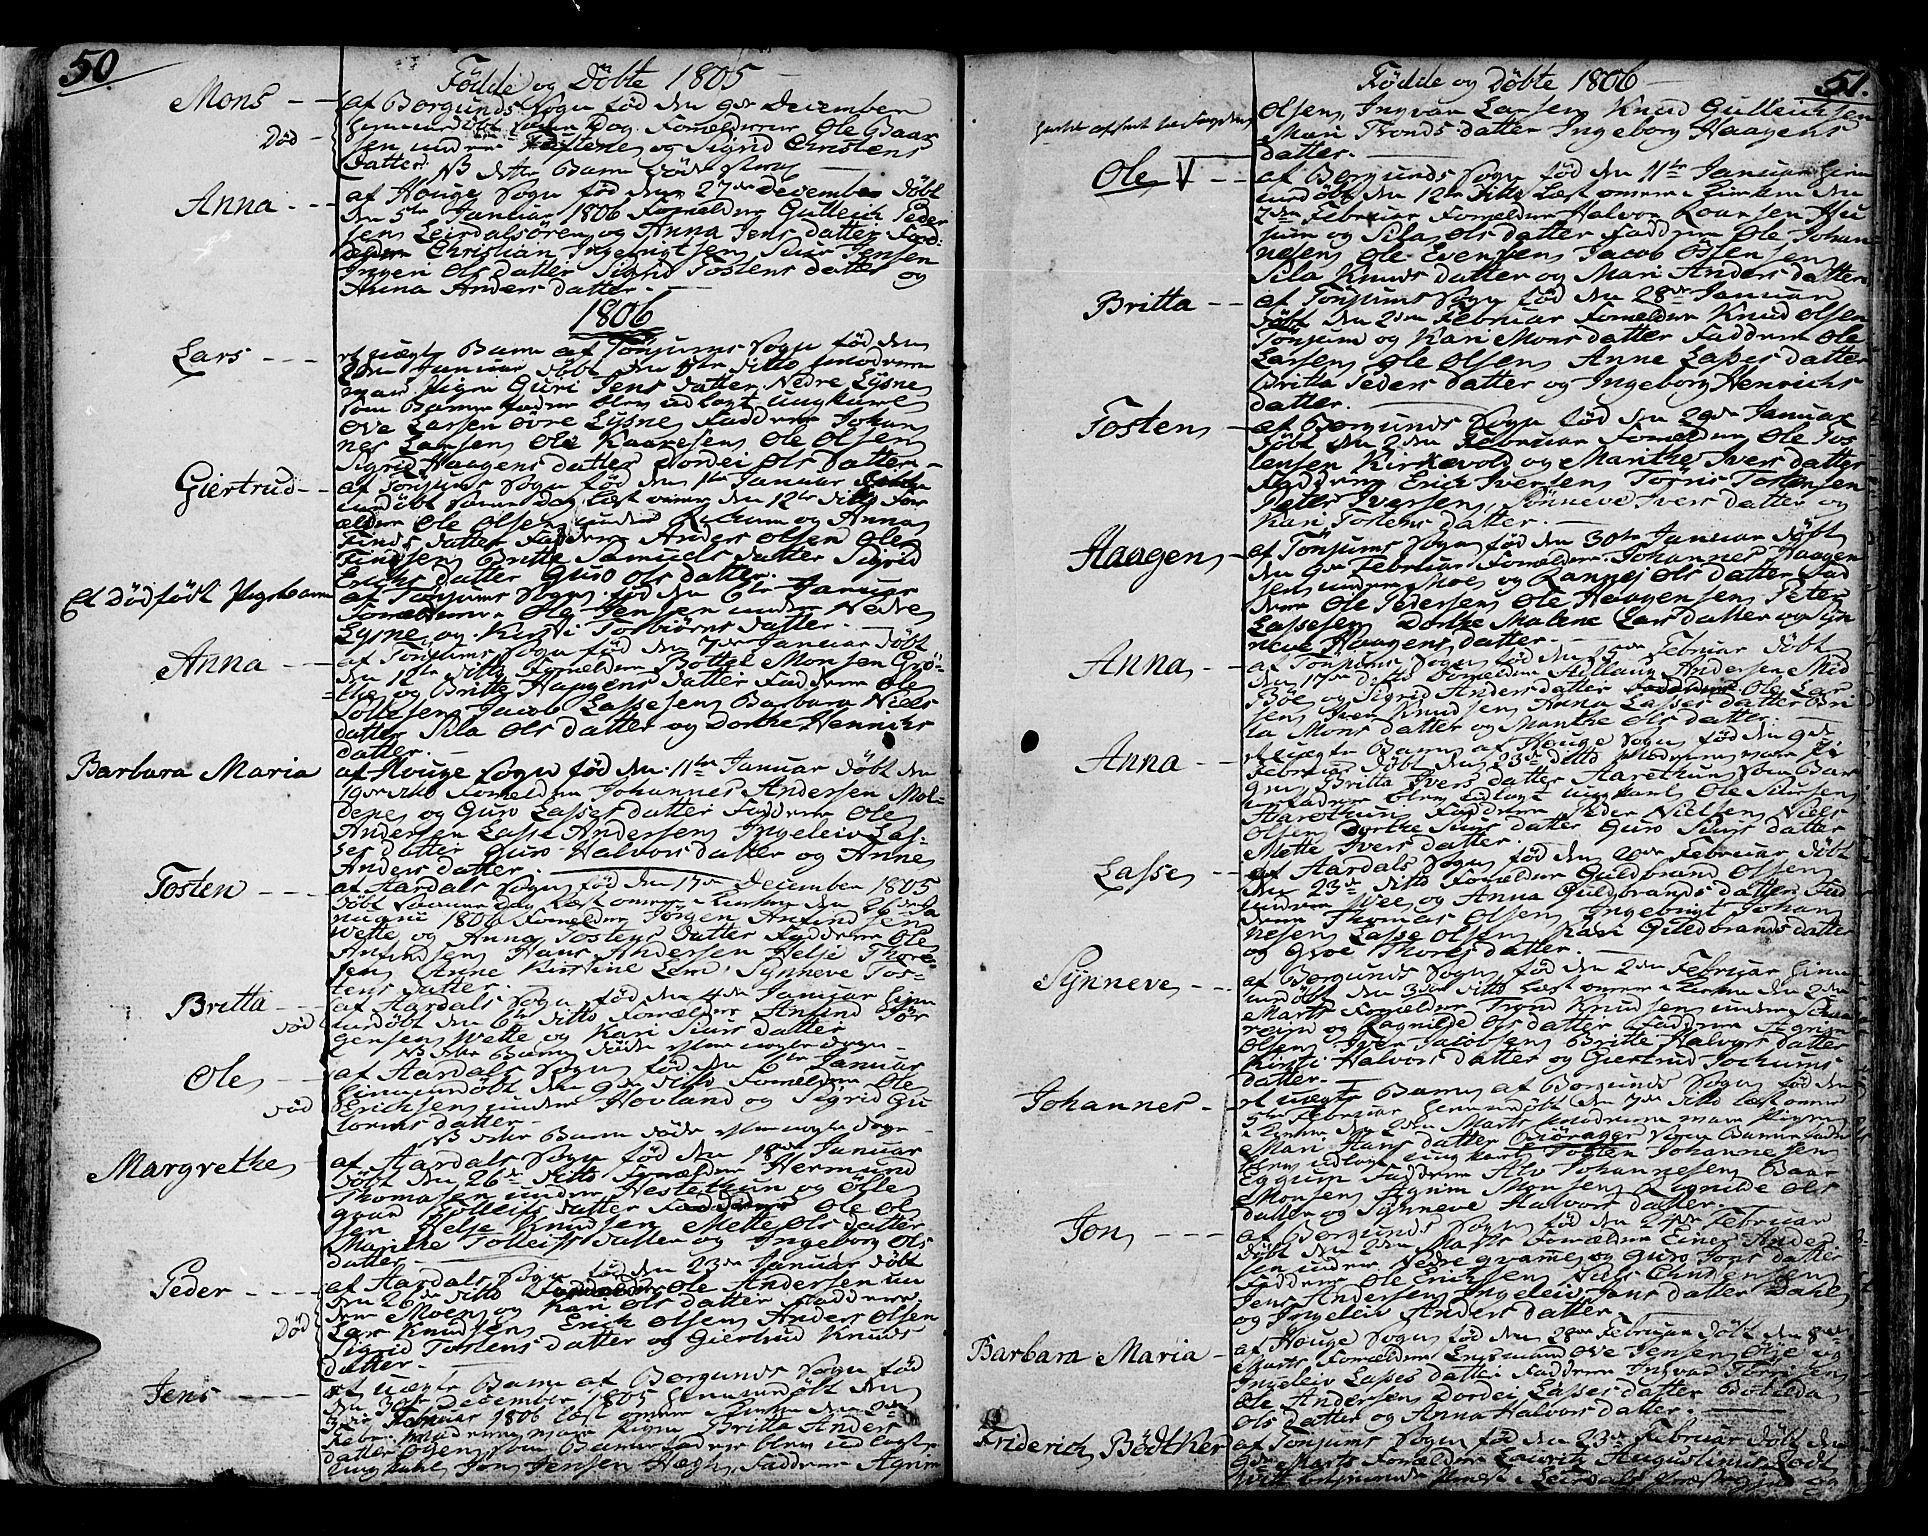 SAB, Lærdal sokneprestembete, Ministerialbok nr. A 4, 1805-1821, s. 50-51